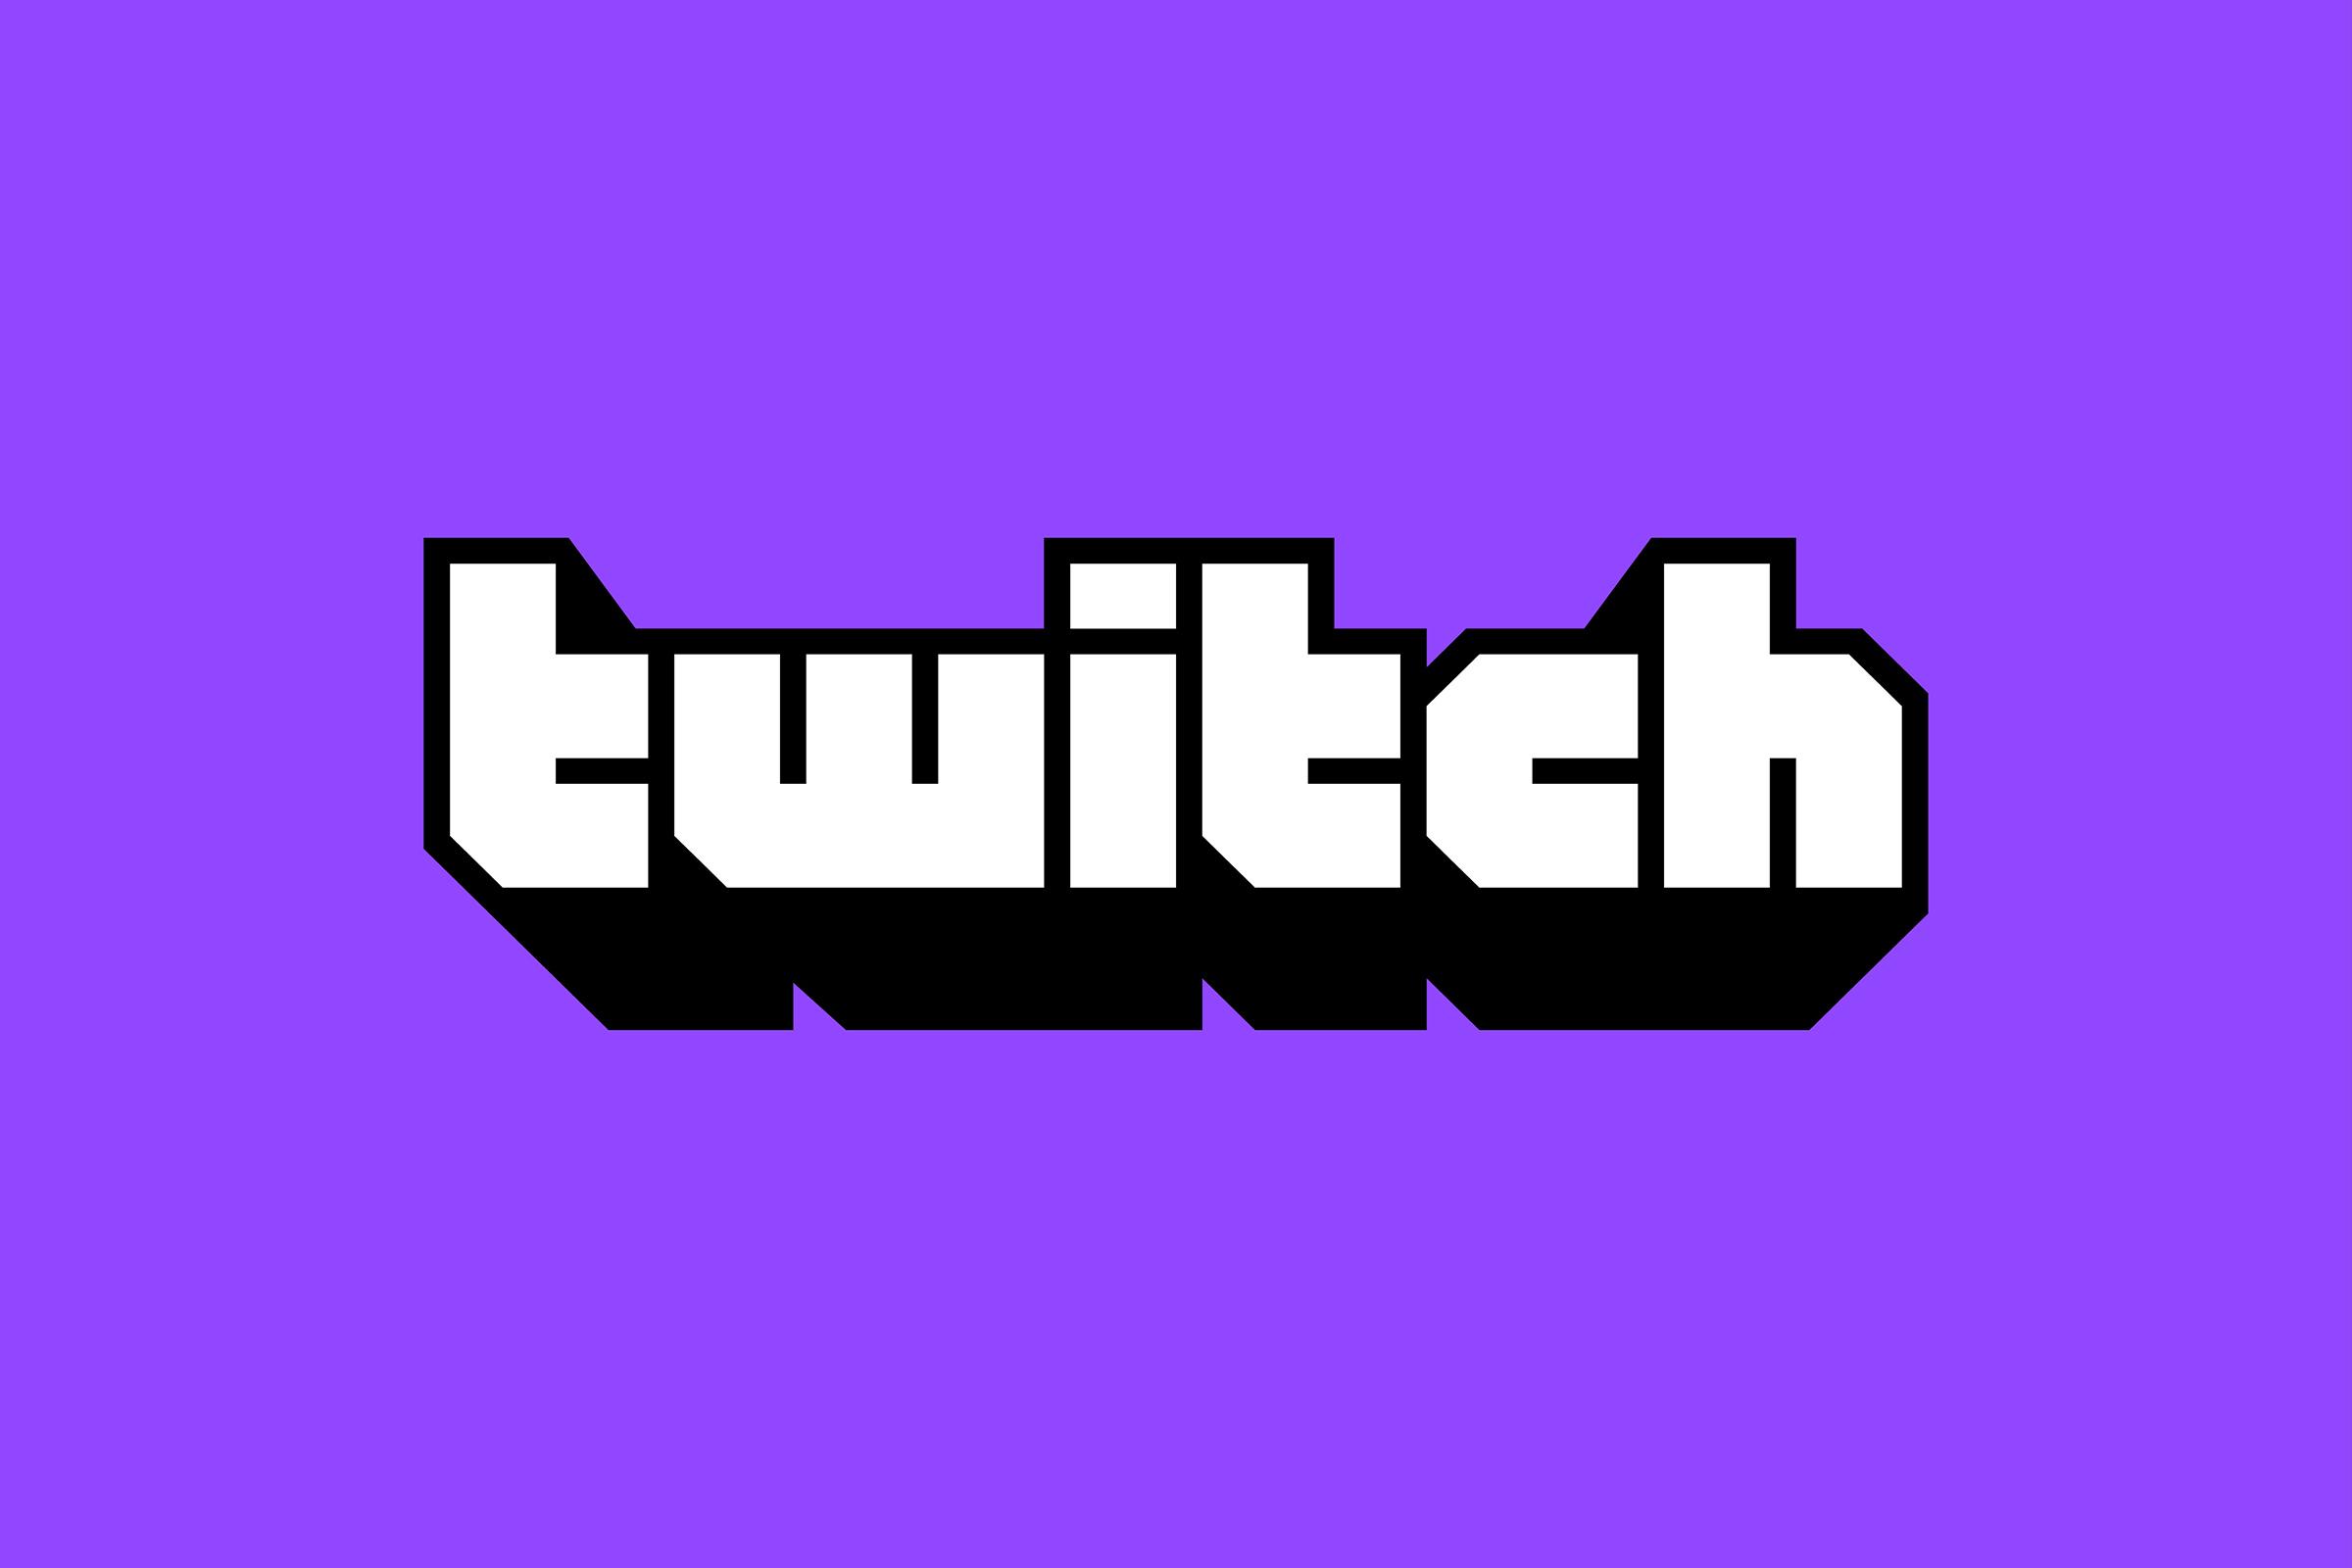 Подписка в Twitch в России стоит теперь от 130 рублей в месяц